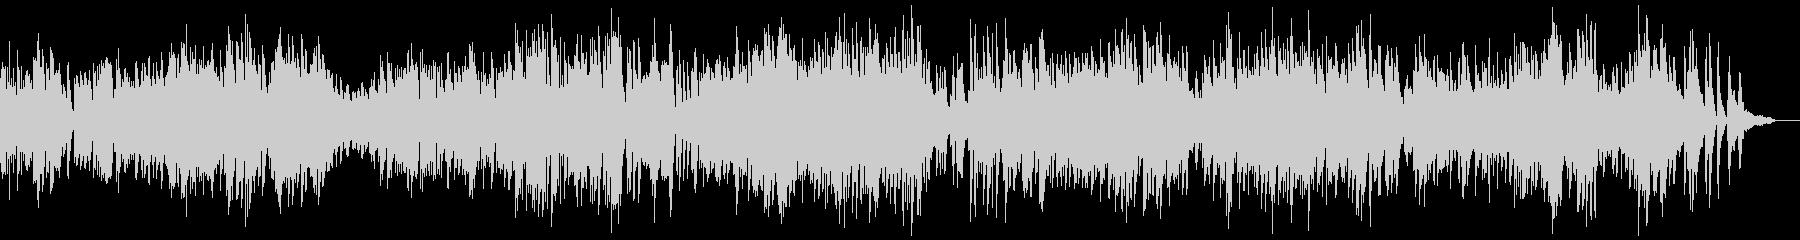 グランドピアノで演奏される人気のク...の未再生の波形